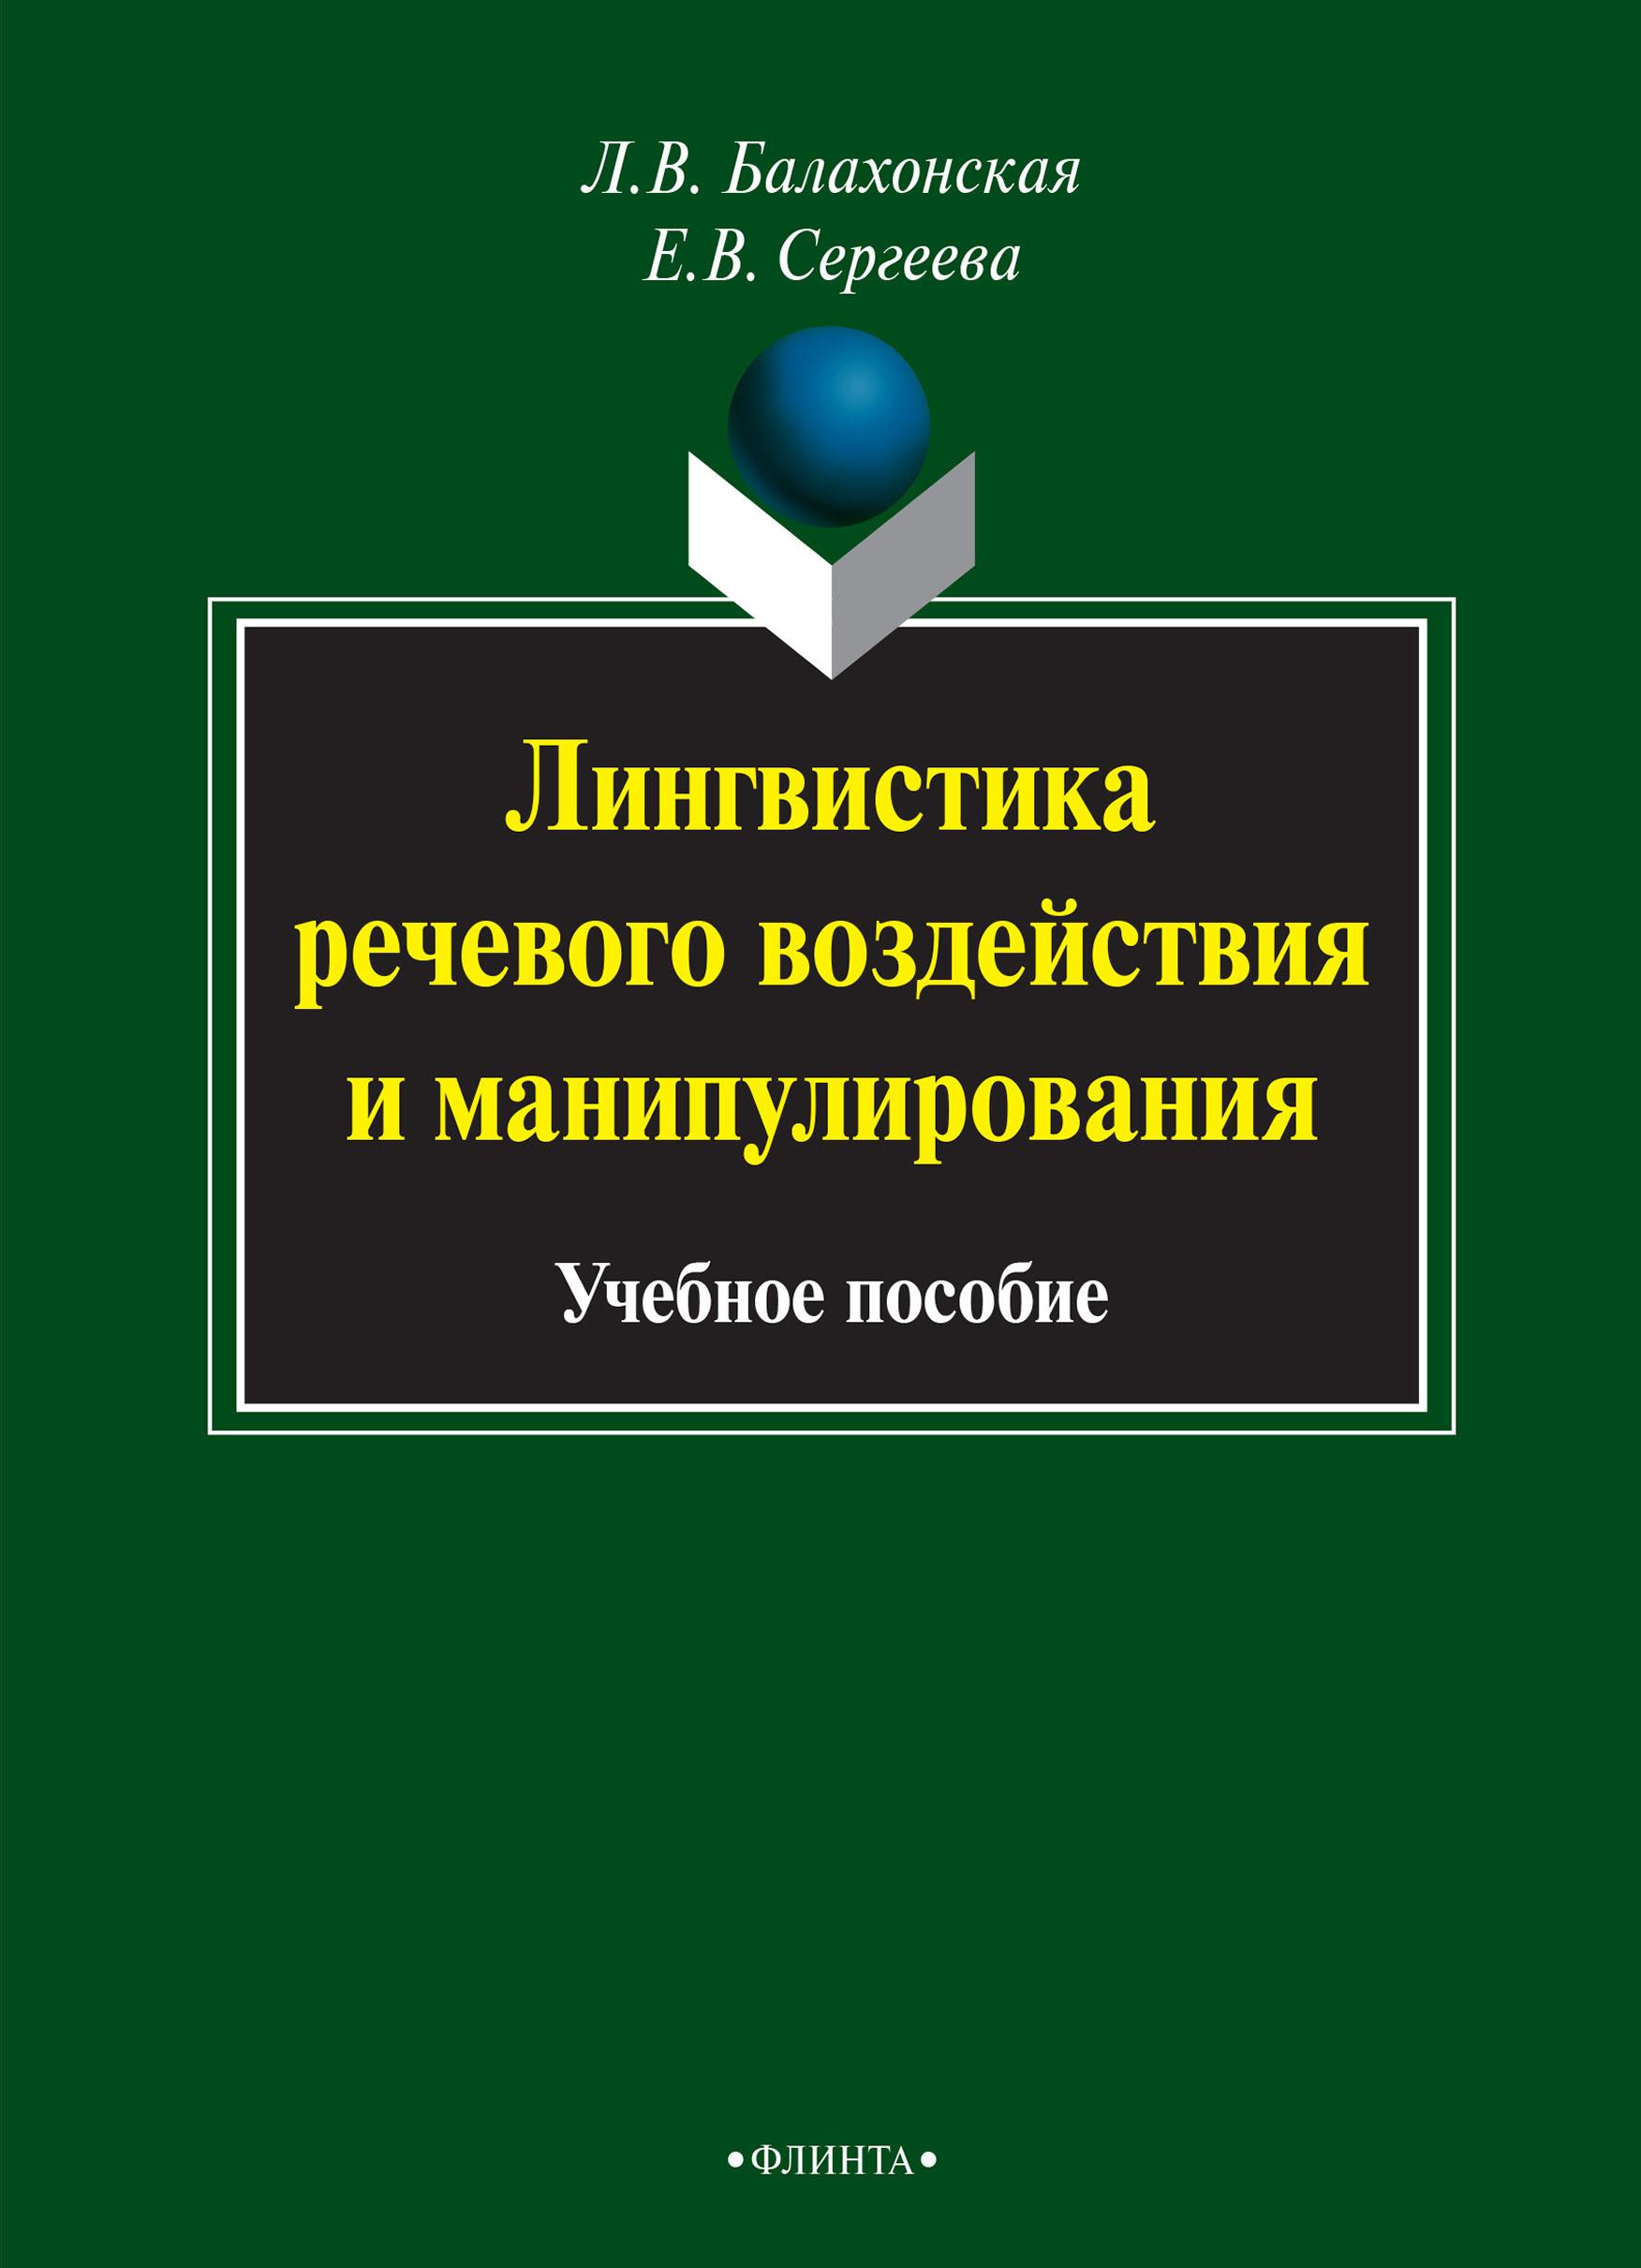 Е. В. Сергеева Лингвистика речевого воздействия и манипулирования поляков и в лингвистика и структурная семантика